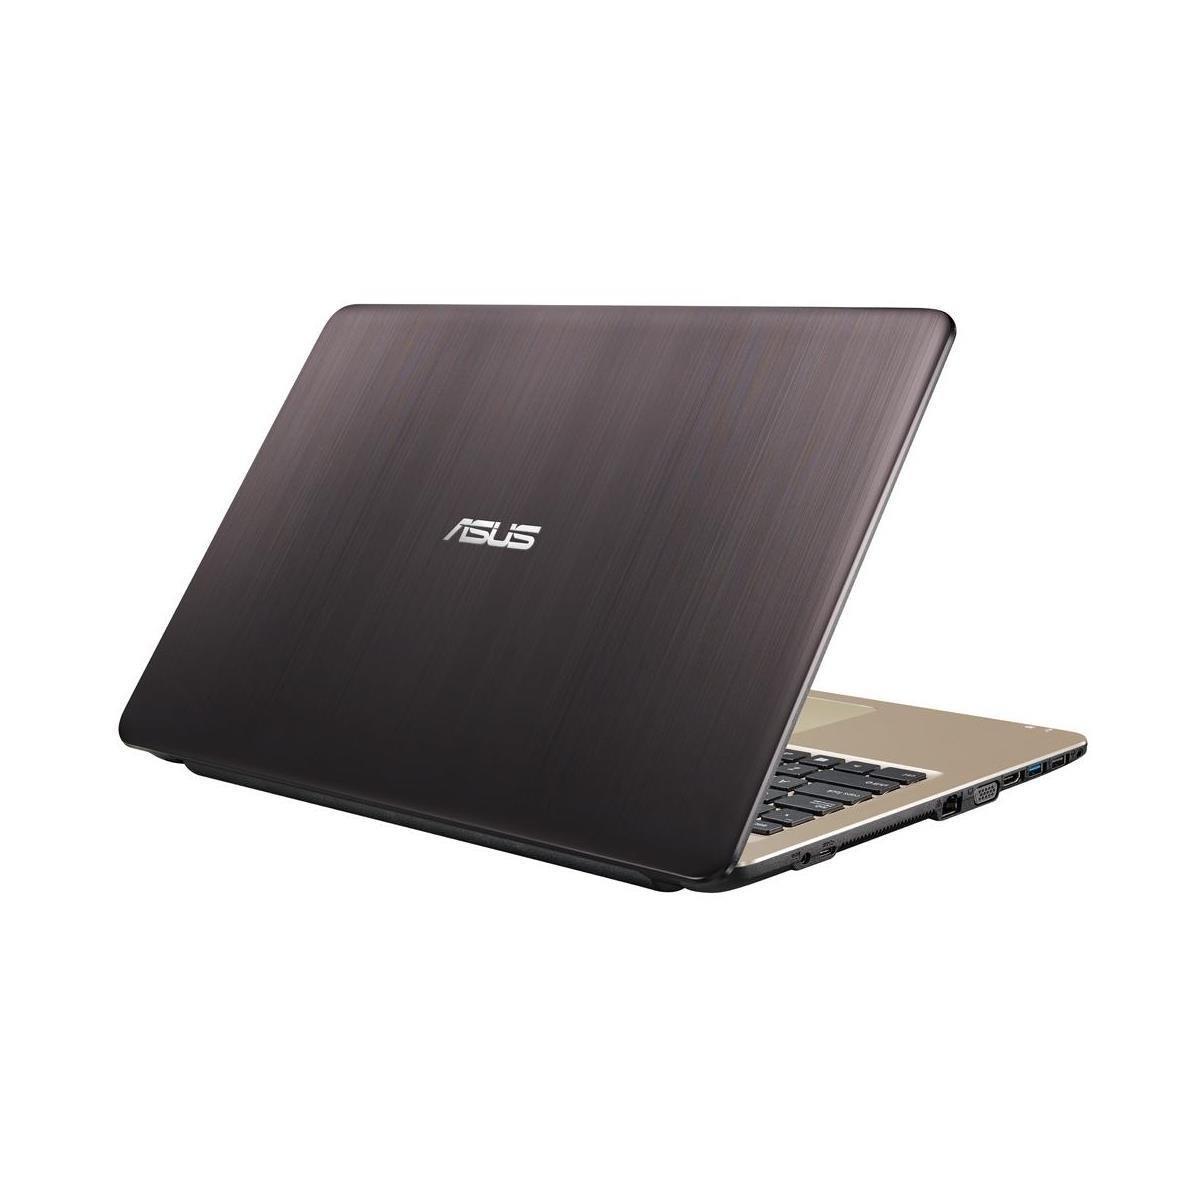 تفاوت لپ تاپ های صنعتی و لپ تاپهای خانگی